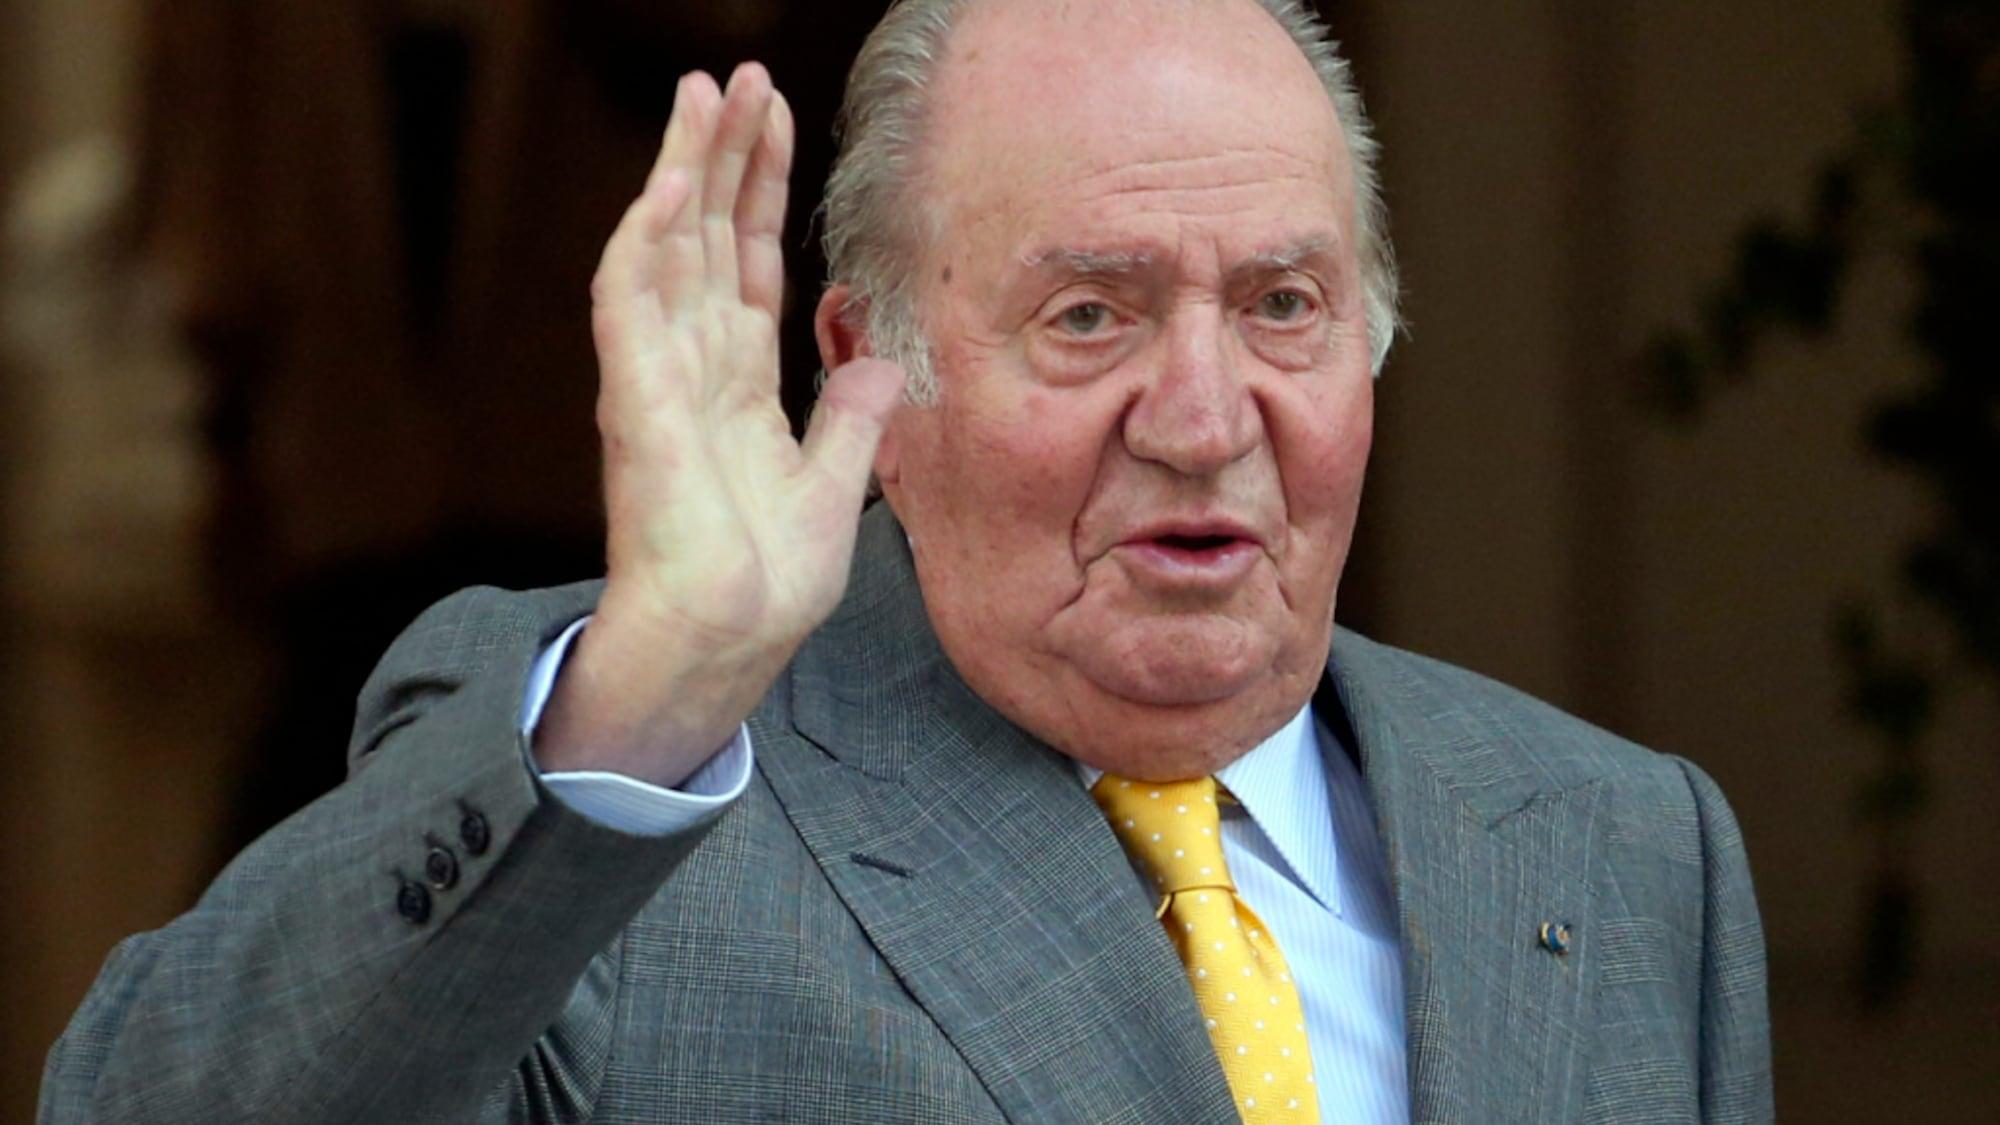 Spanien: Spaniens Ex-König Juan Carlos am Herzen operiert - drei Bypässe